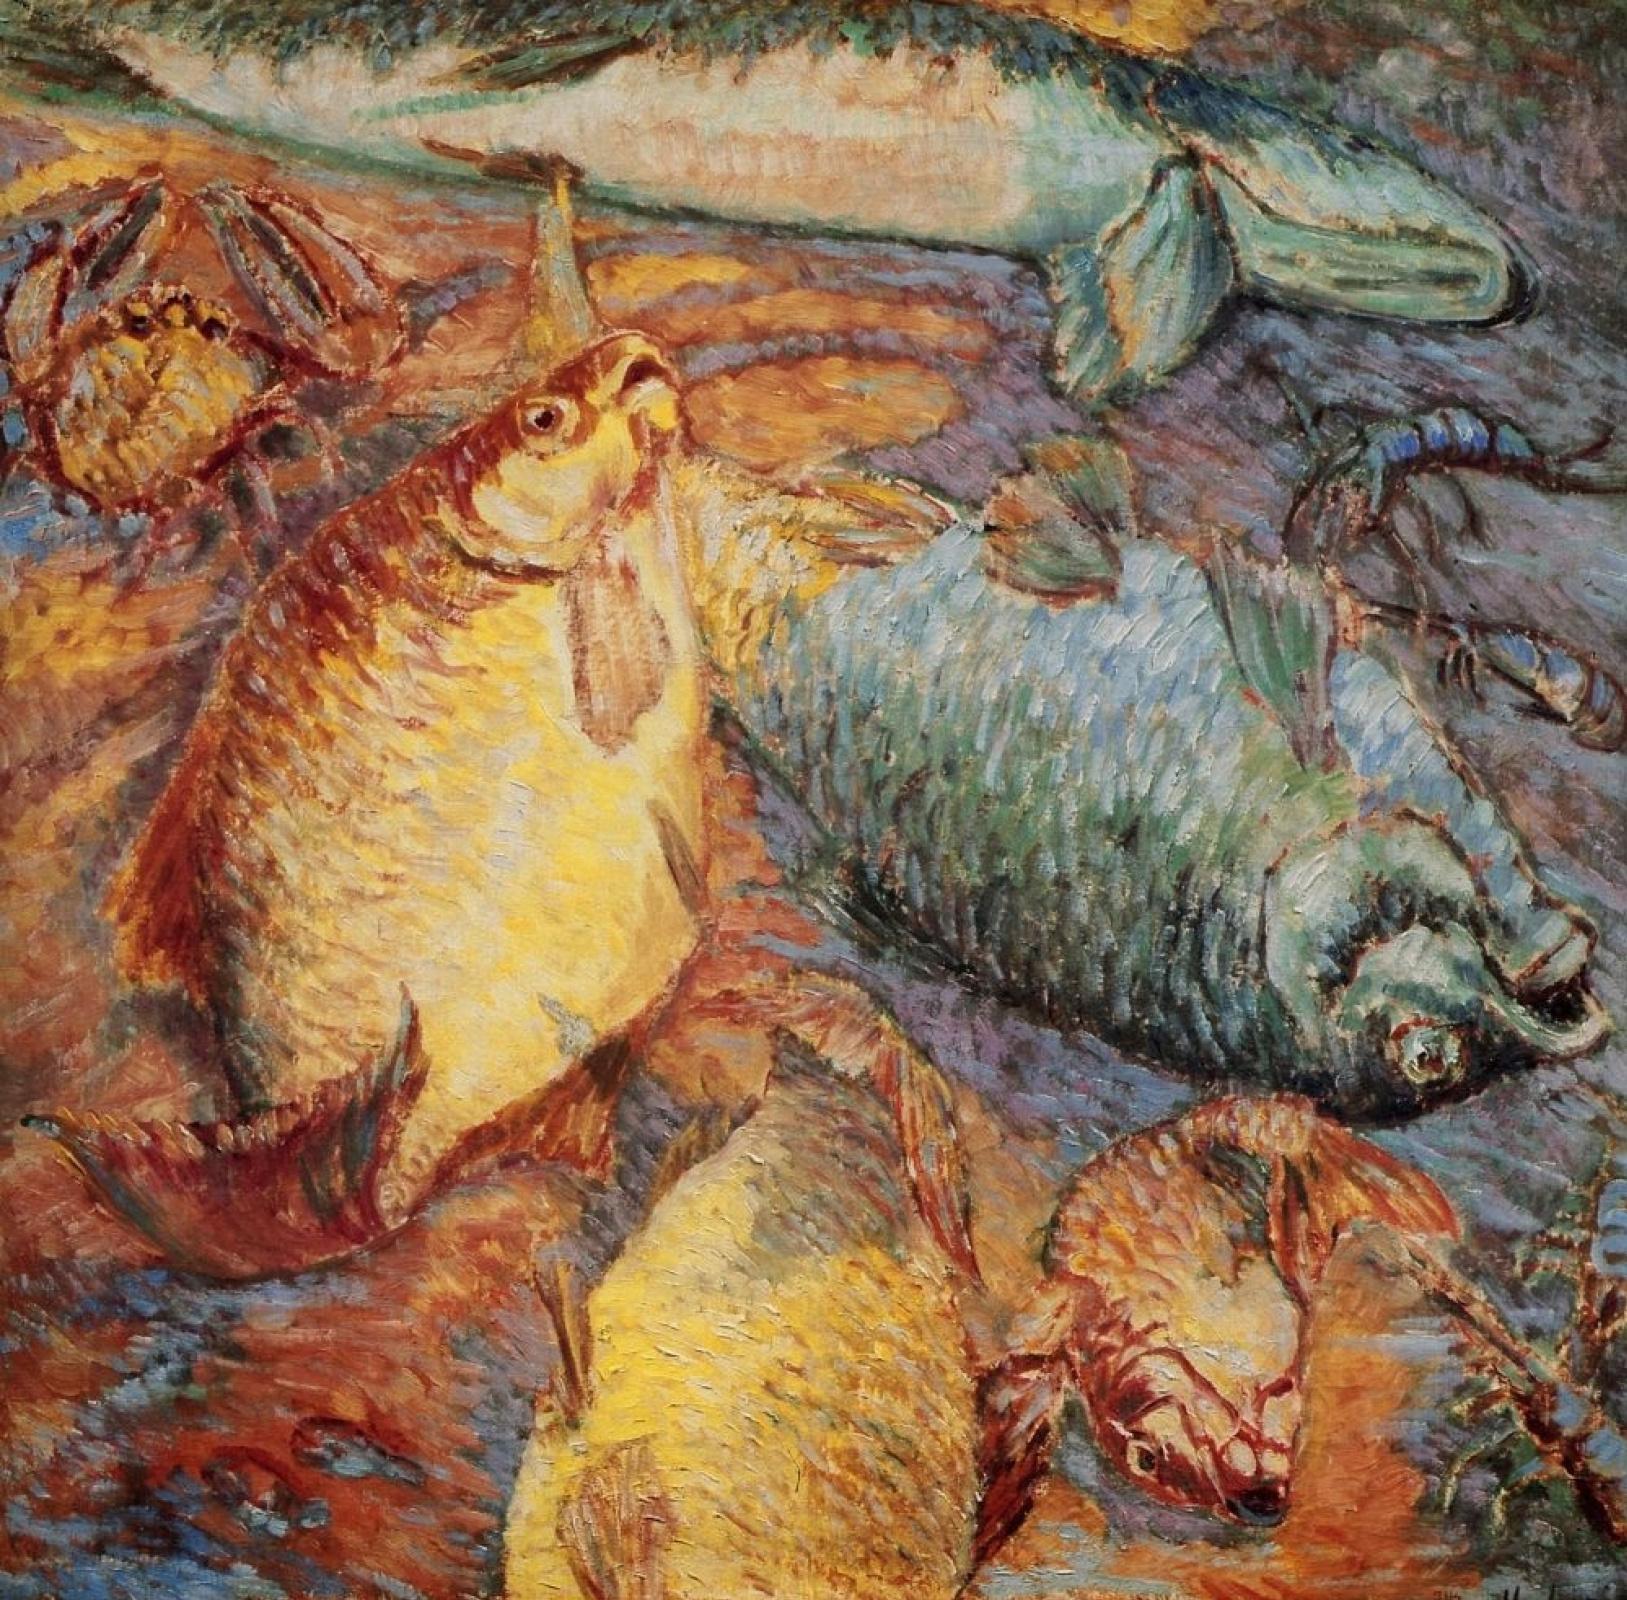 Михаил Федорович Ларионов. Рыбы при заходящем солнце